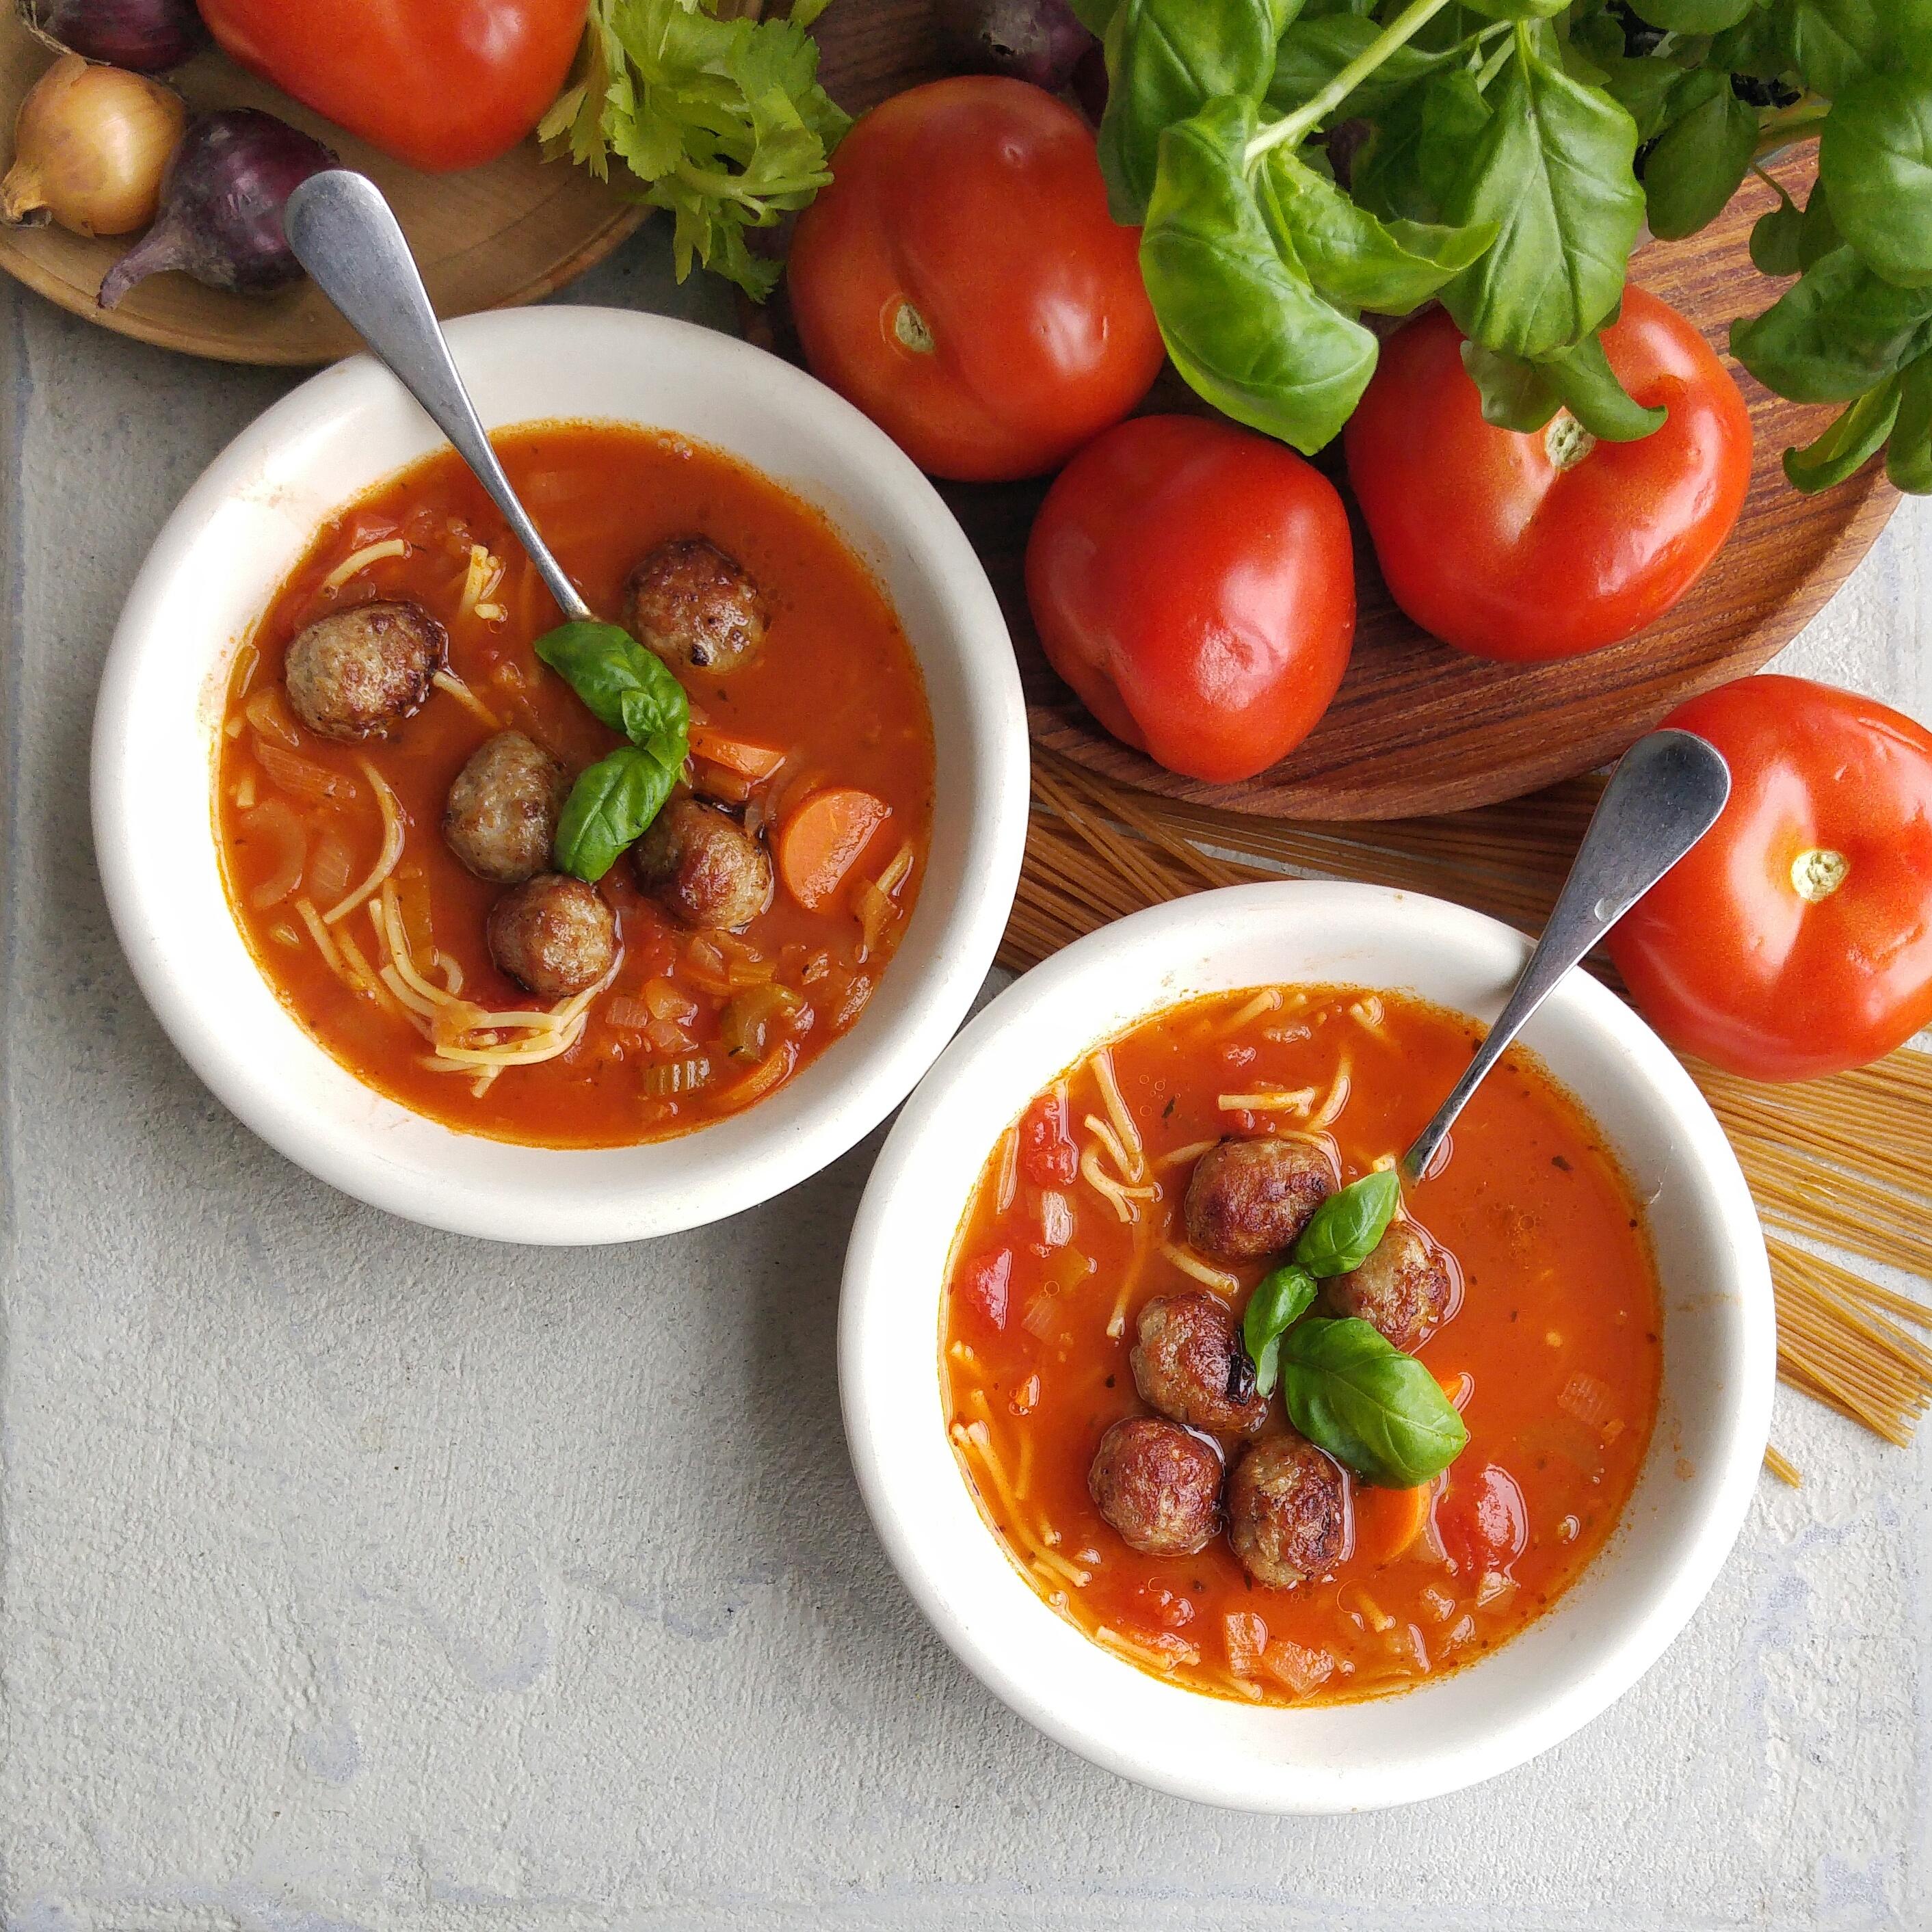 Stevige maaltijdsoep, bomvol groenten, die zelfs de meest kieskeurige etertjes zonder problemen naar binnen lepelen.